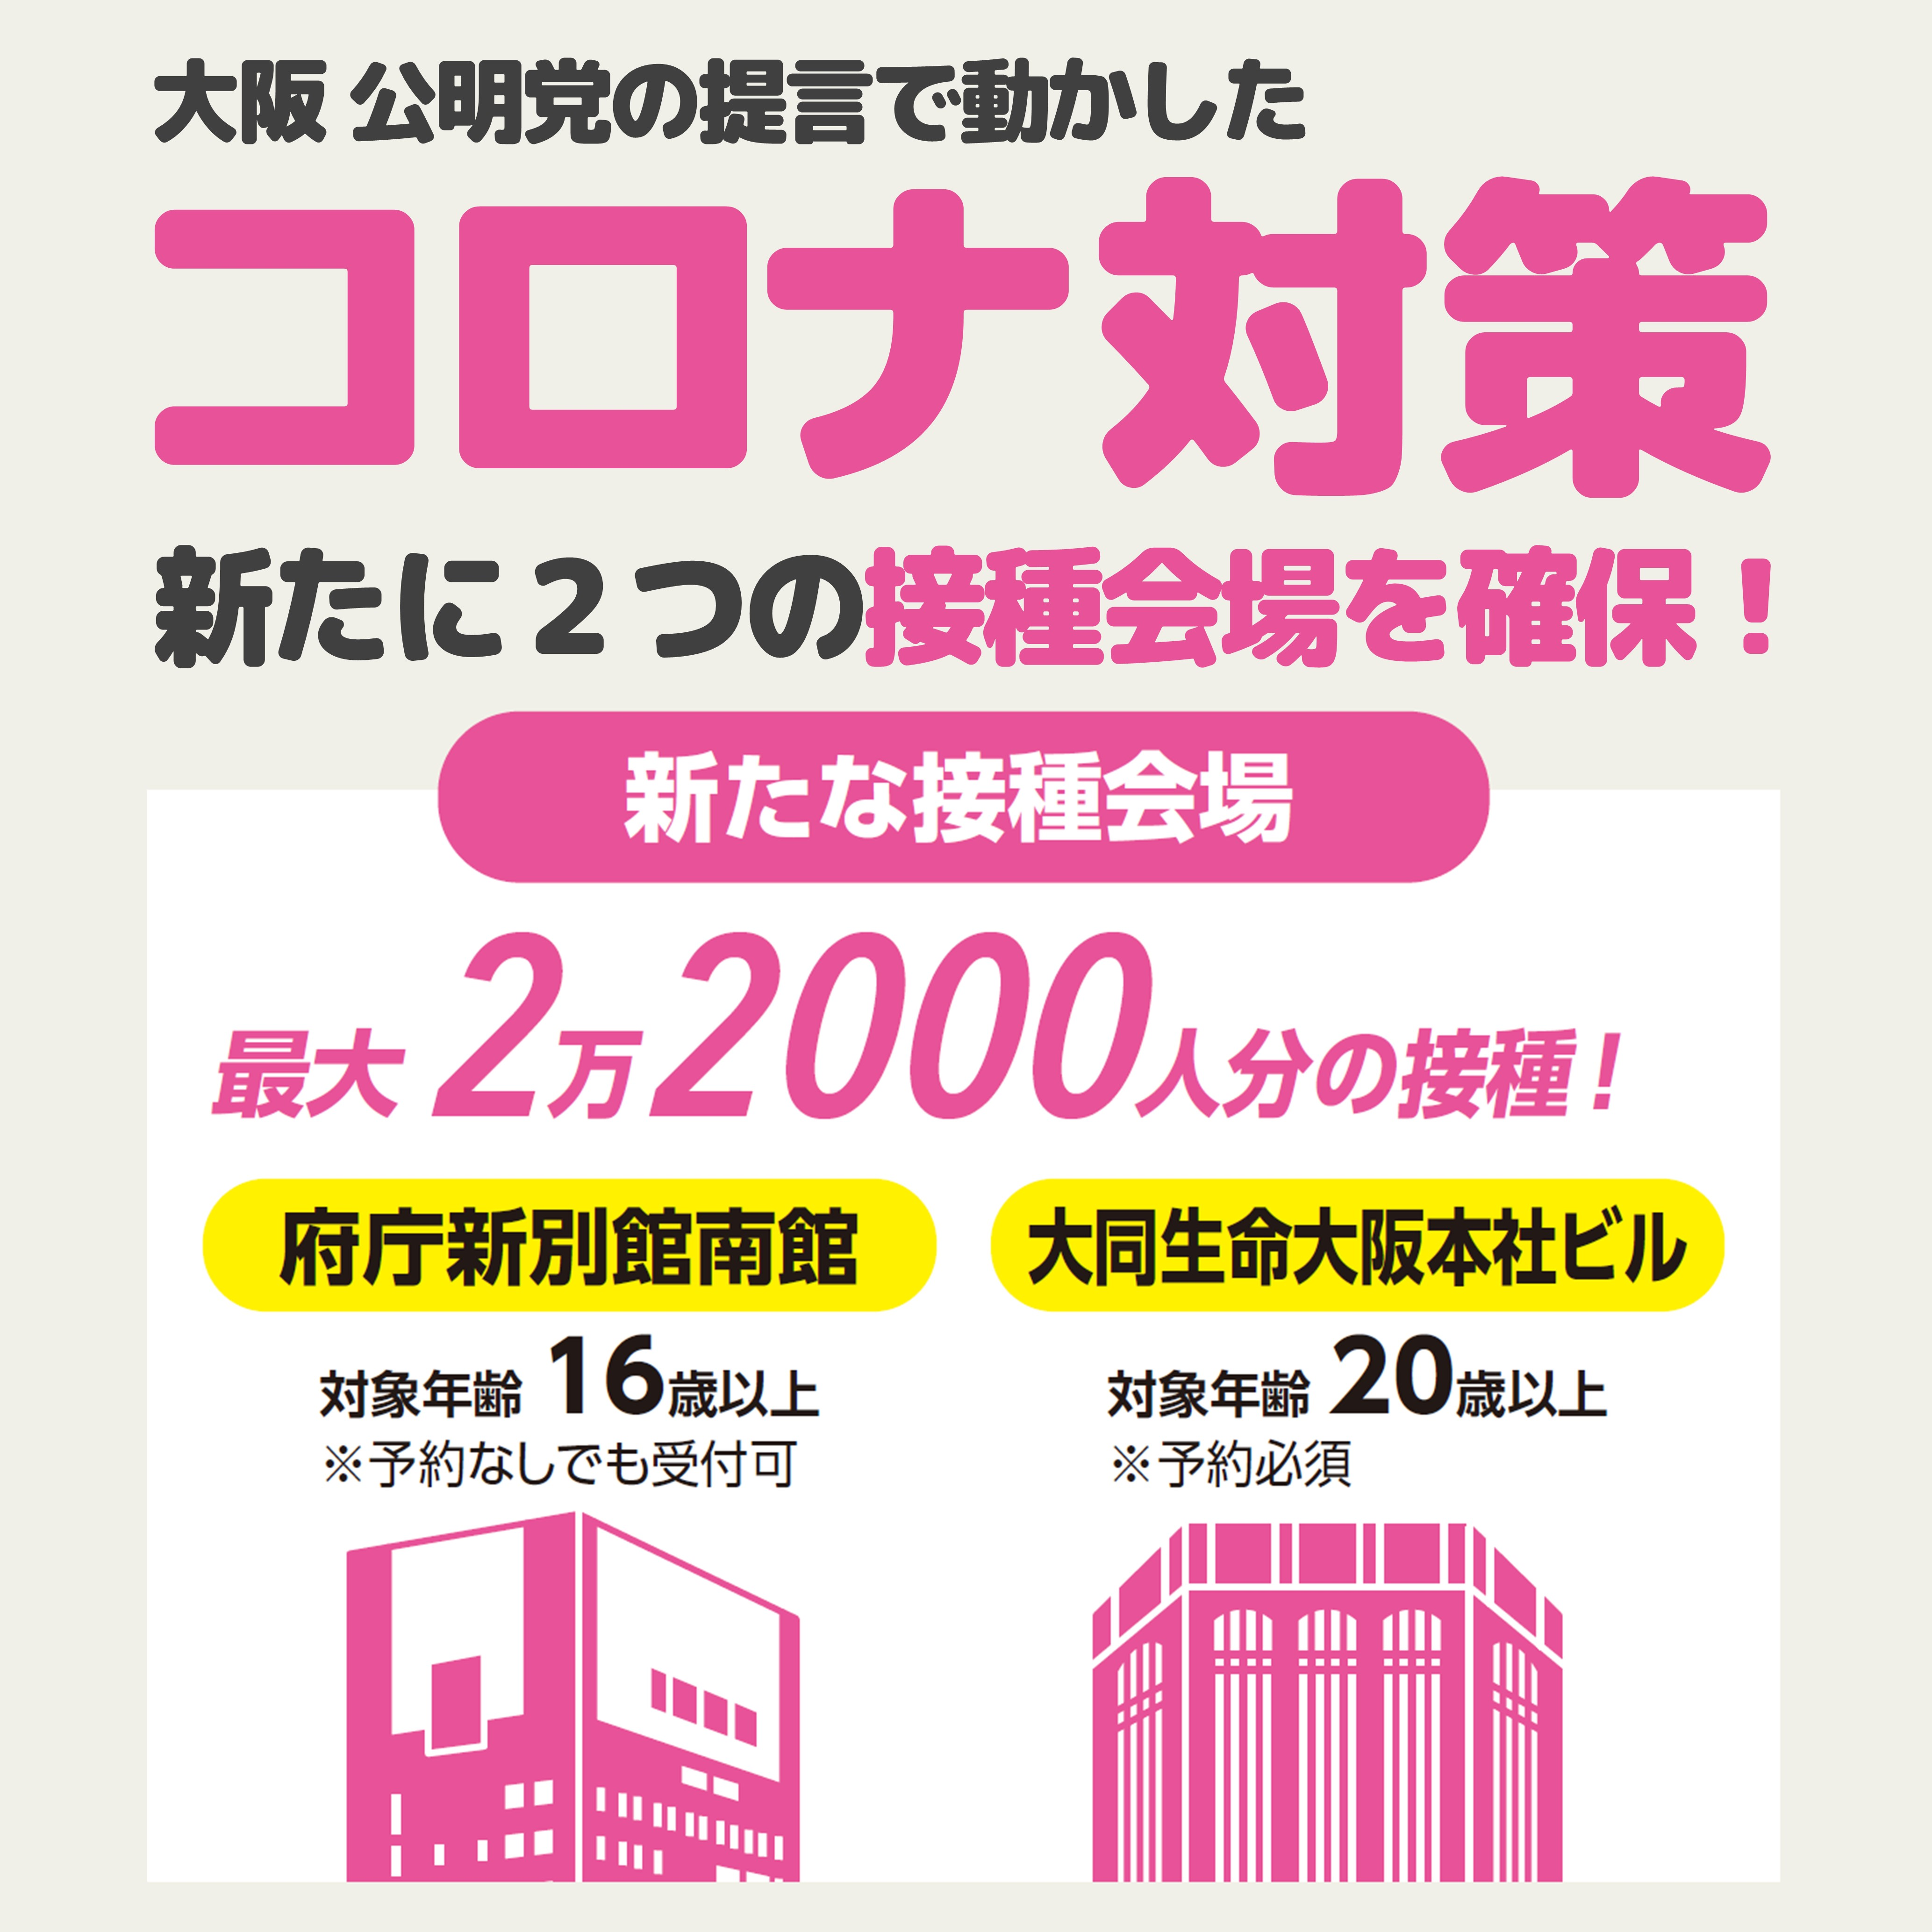 衆院選 比例区 2021 公明党 実績 フライヤー 大阪 近畿 医療 コロナ02